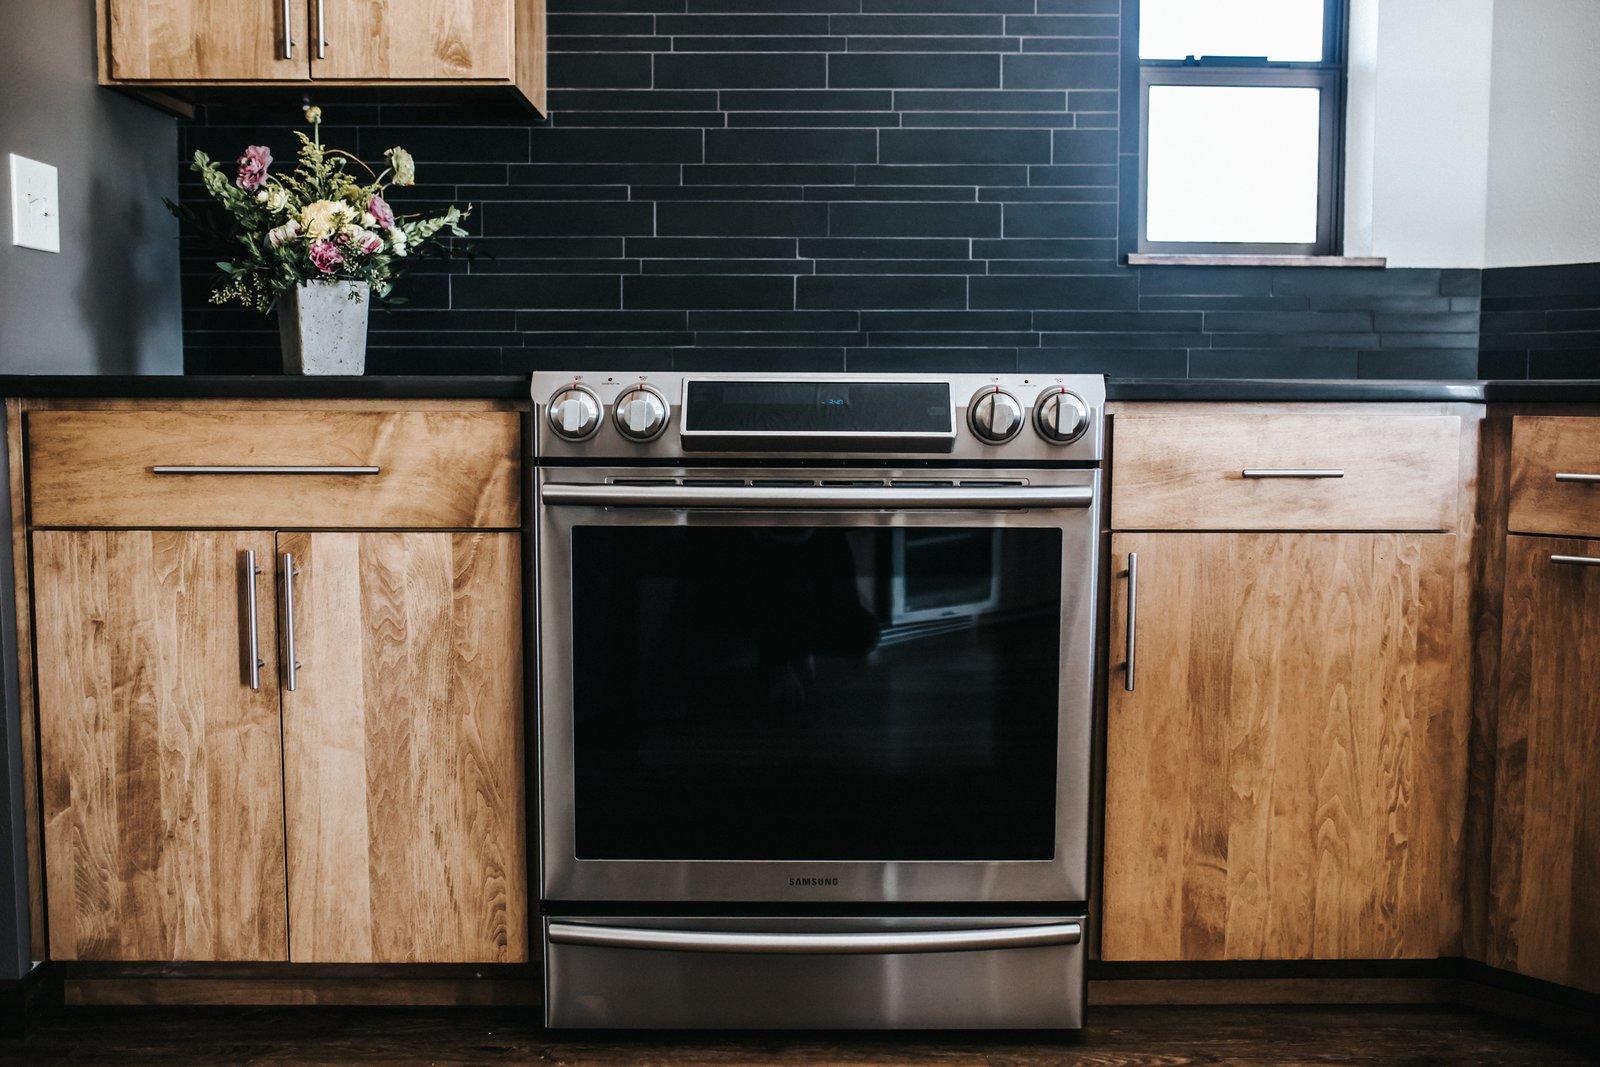 Kitchen Oven  FLW Fan